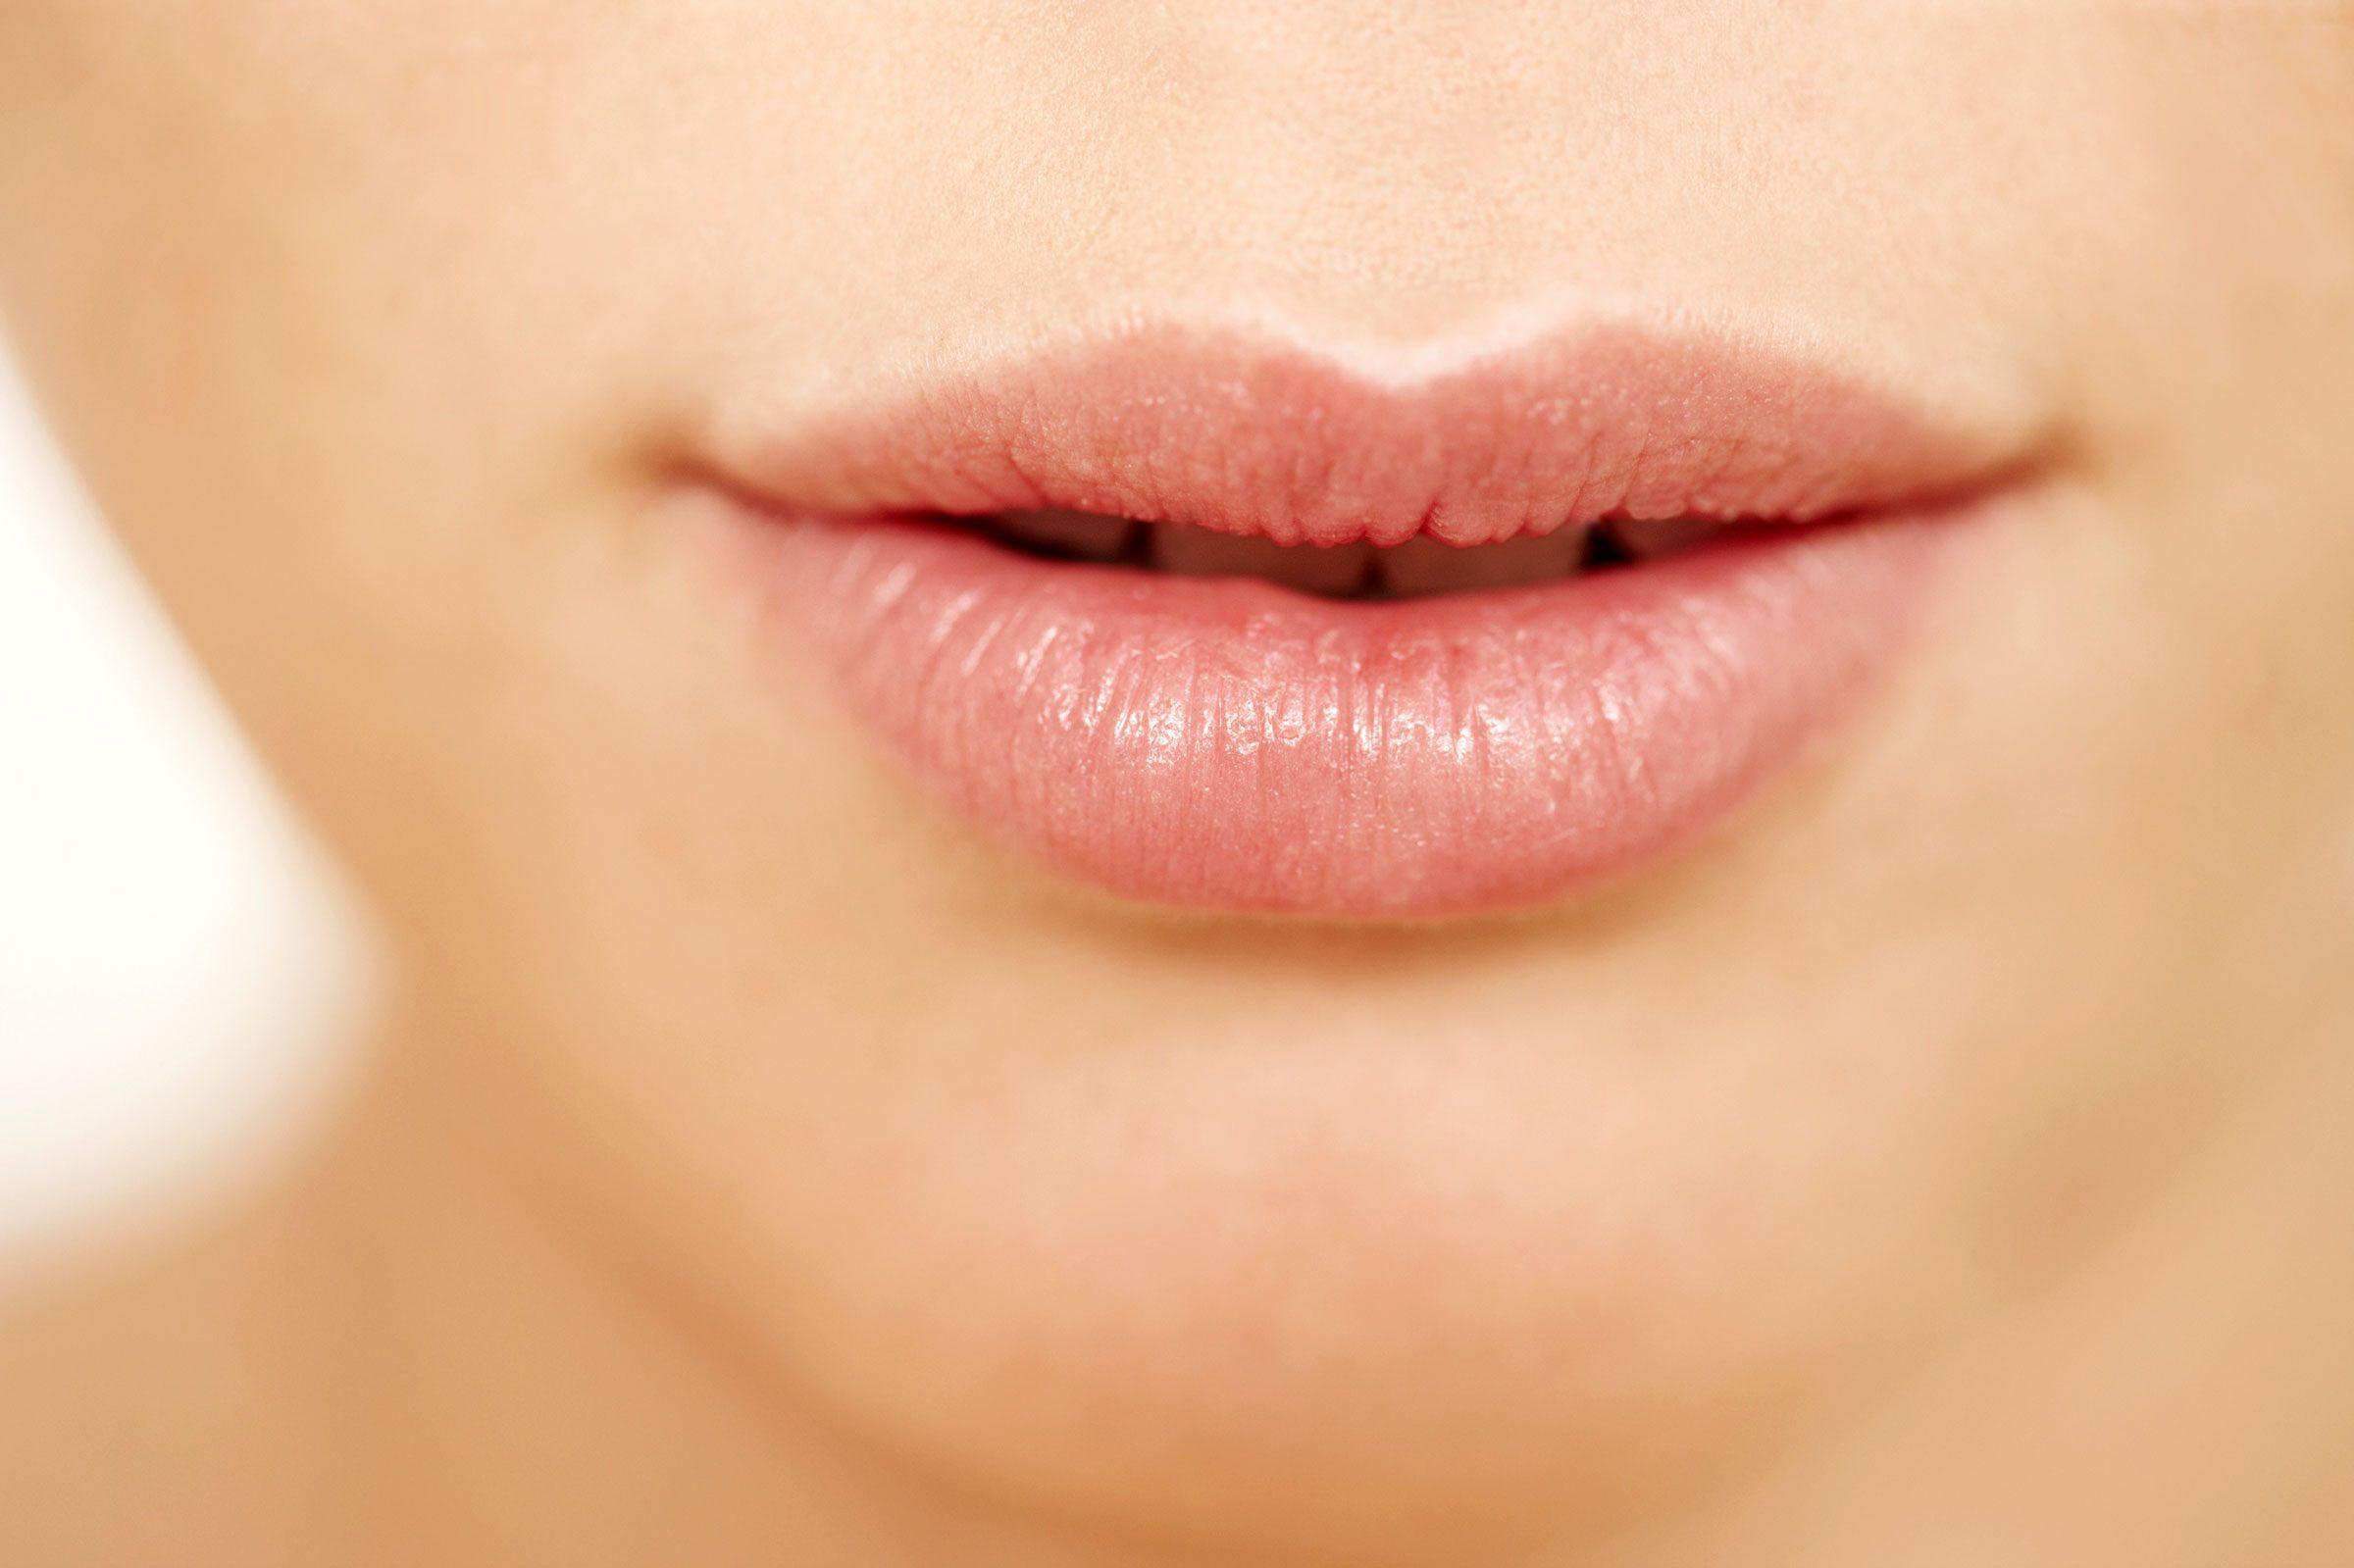 Vous pouvez exfolier vos lèvres à la maison.